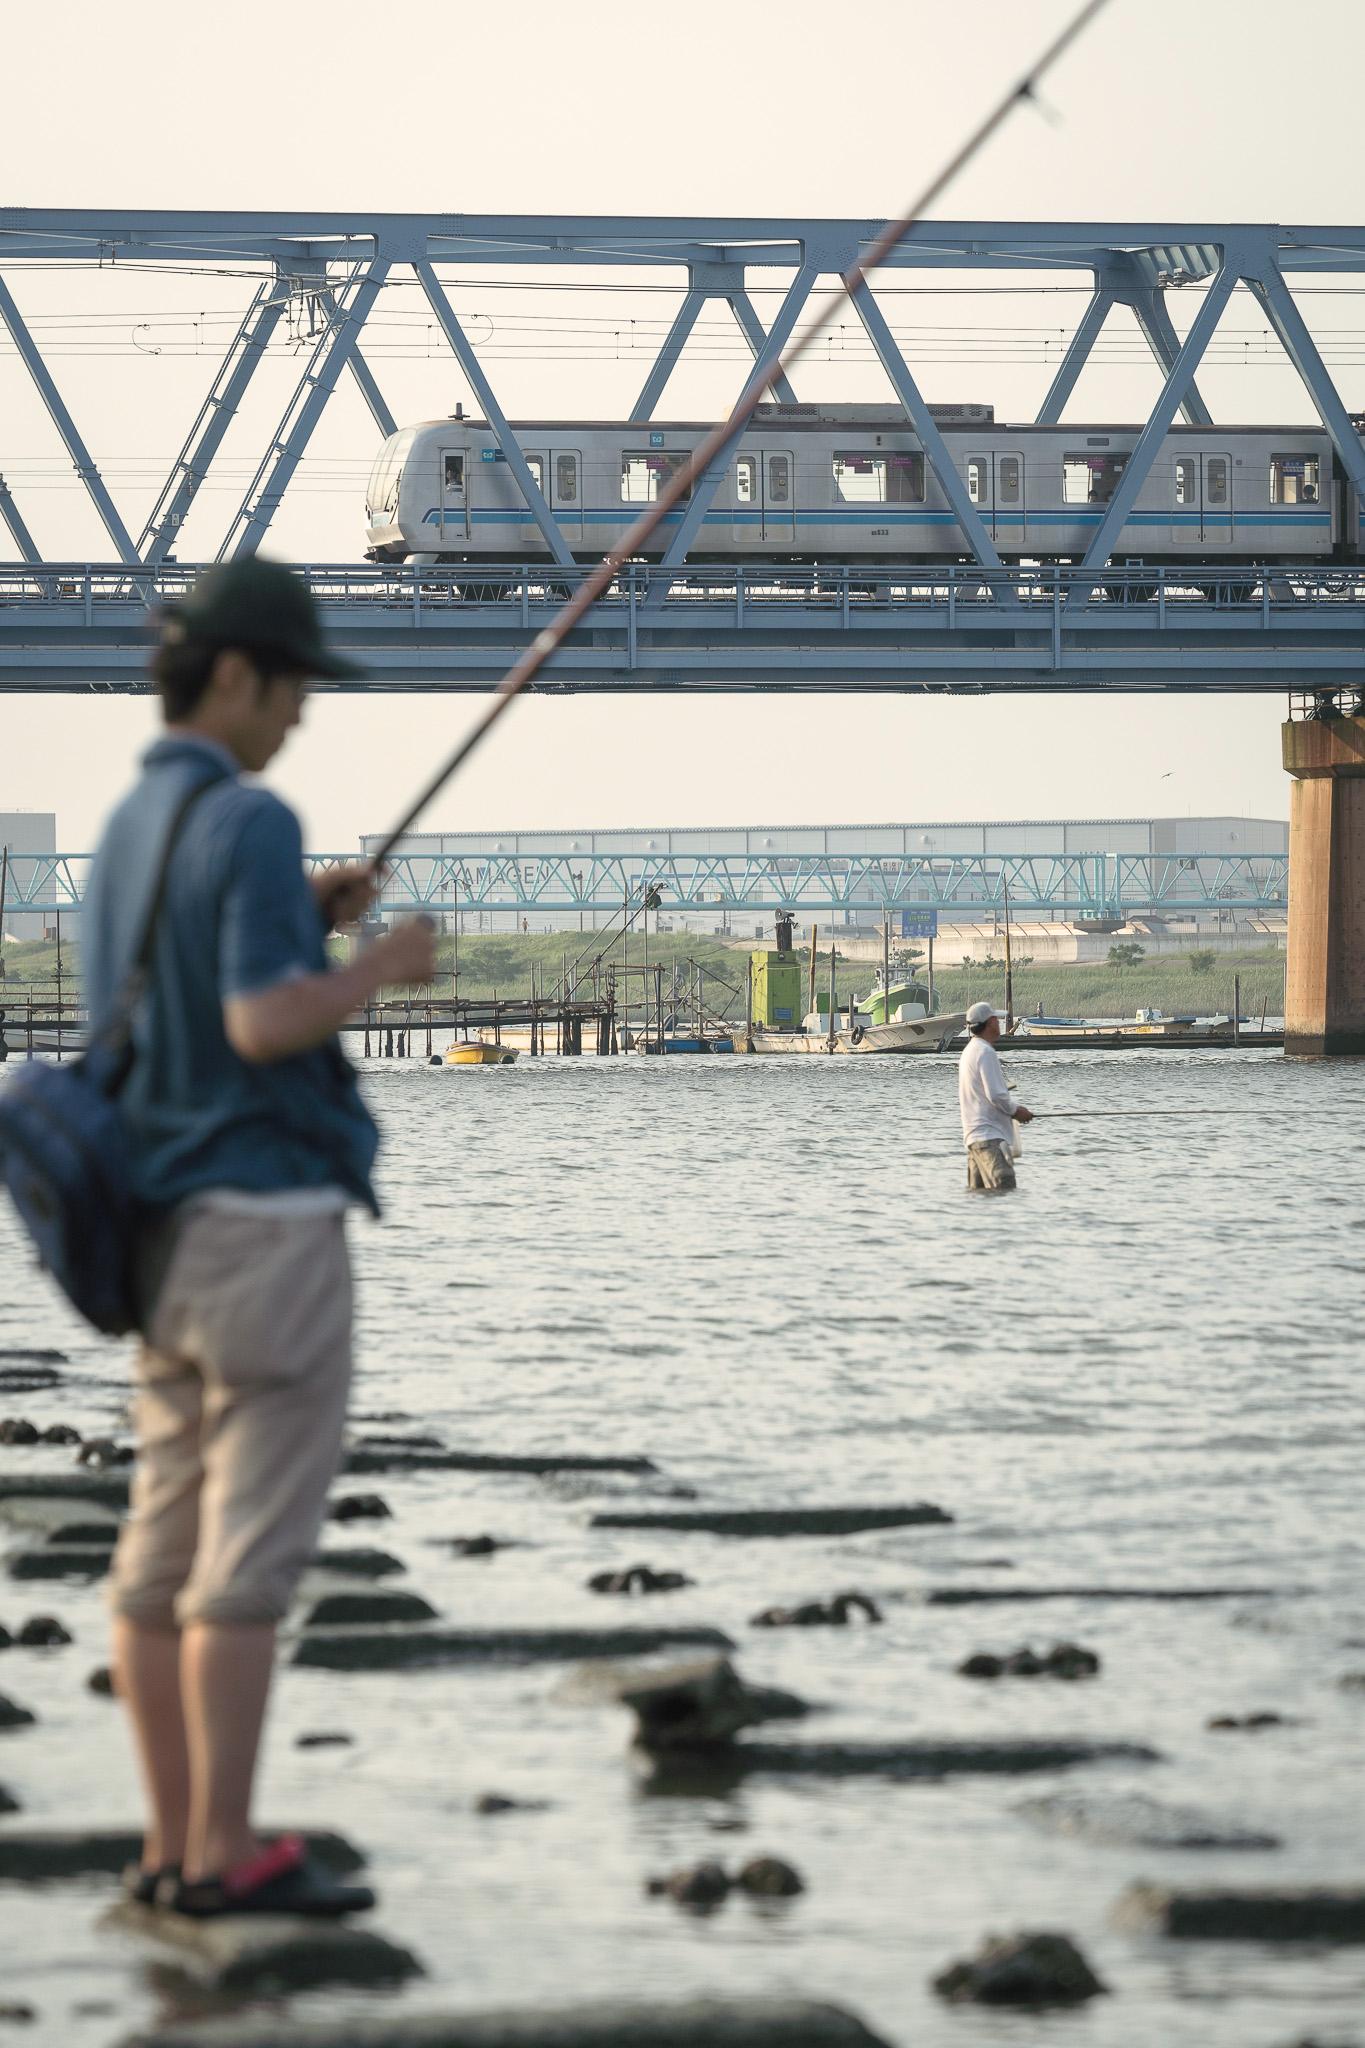 ハゼ釣りと東西線 妙典の江戸川河川敷にて 2020年8月9日撮影